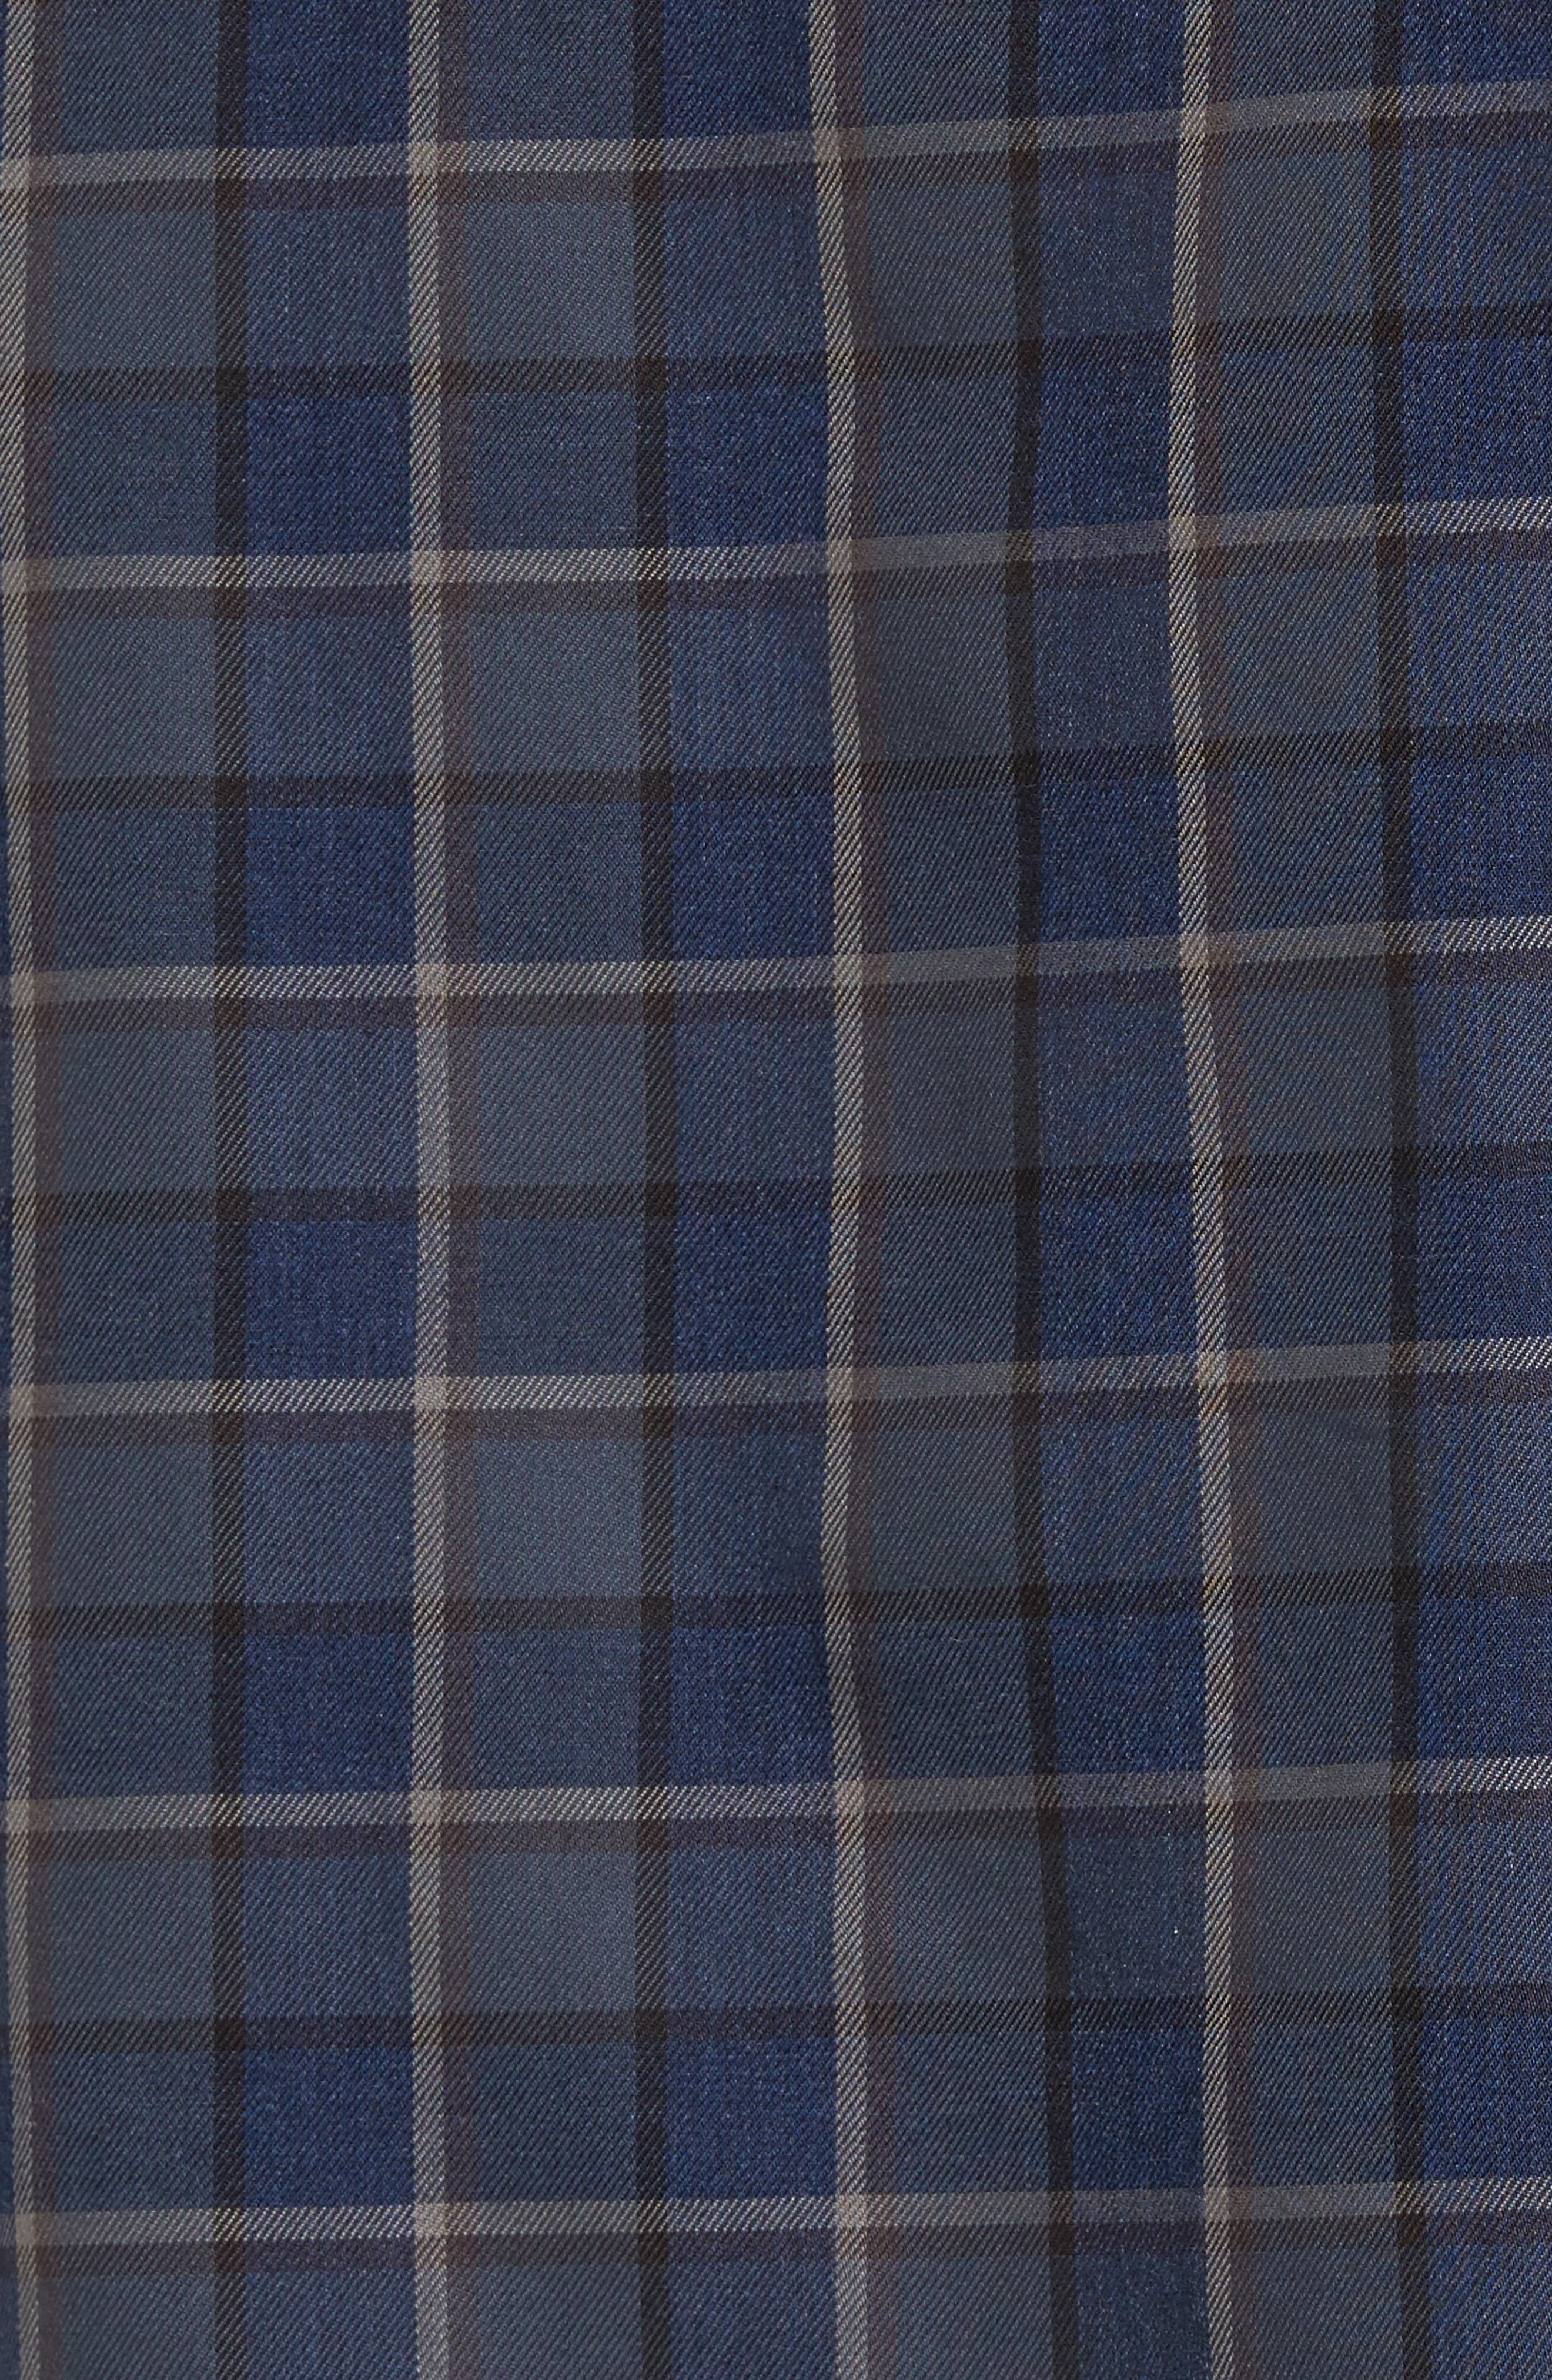 Trim Fit Non-Iron Plaid Sport Shirt,                             Alternate thumbnail 5, color,                             021